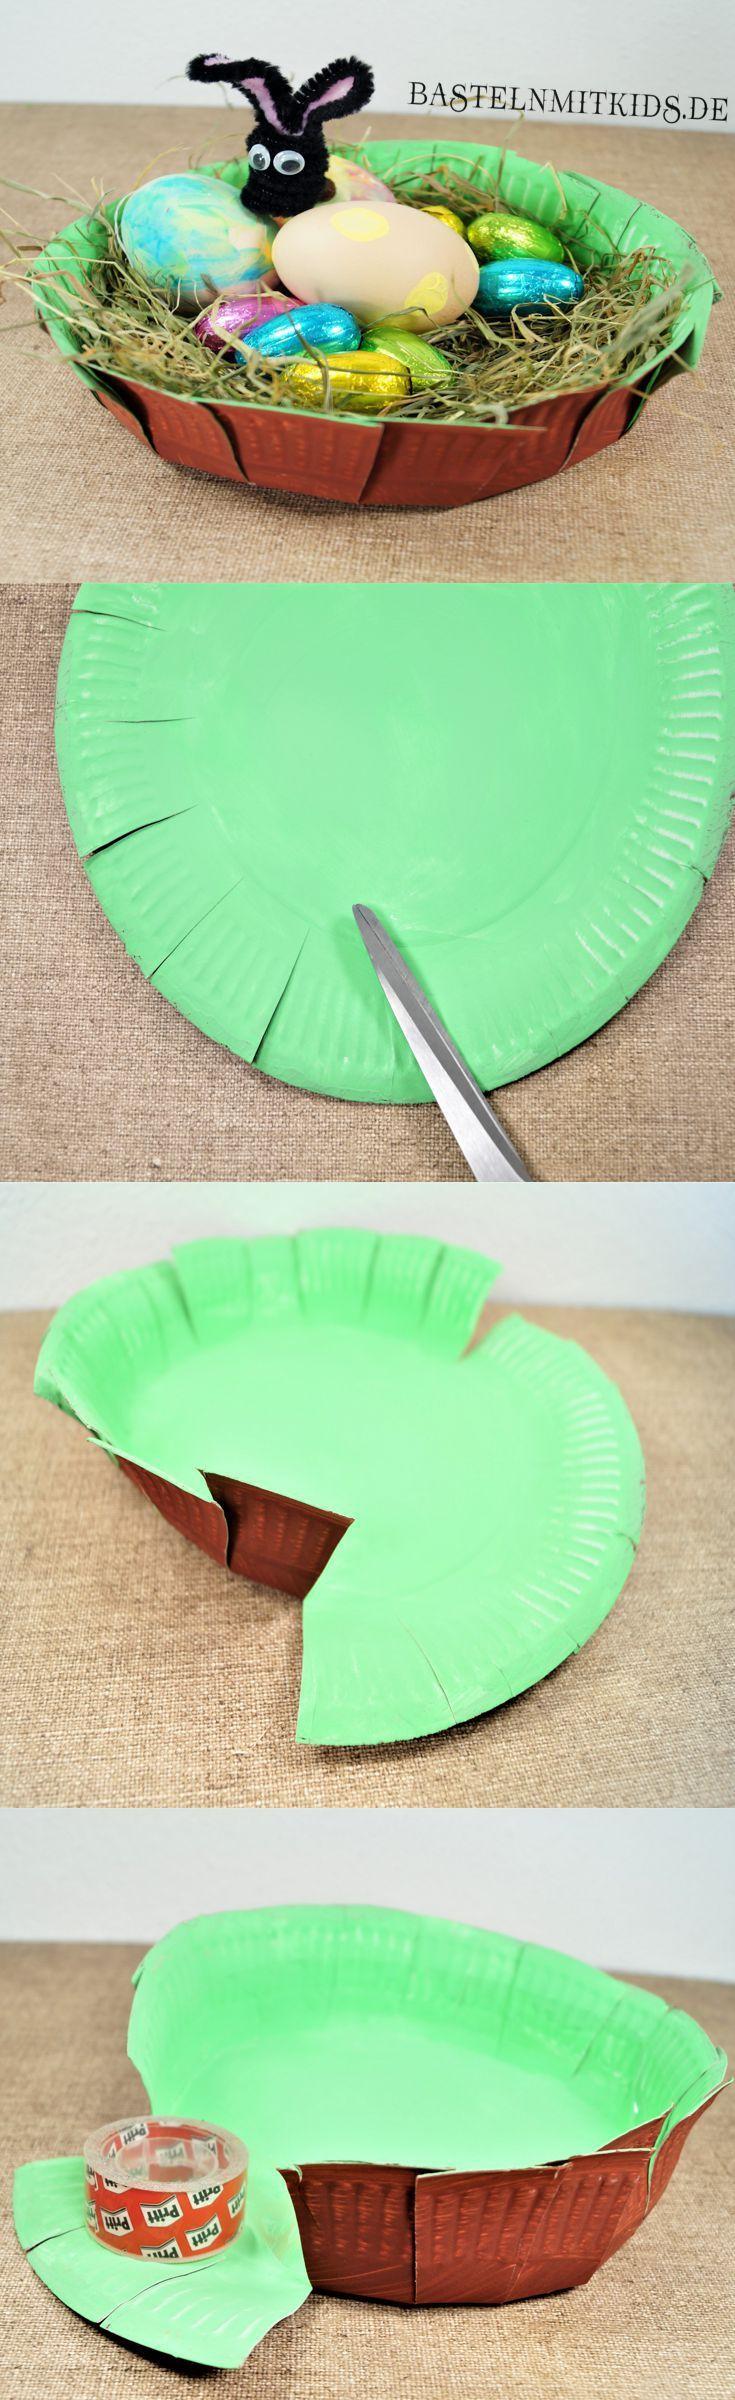 osternest basteln mit kindern und kleinkindern zu ostern basteln f r ostern ostern basteln. Black Bedroom Furniture Sets. Home Design Ideas